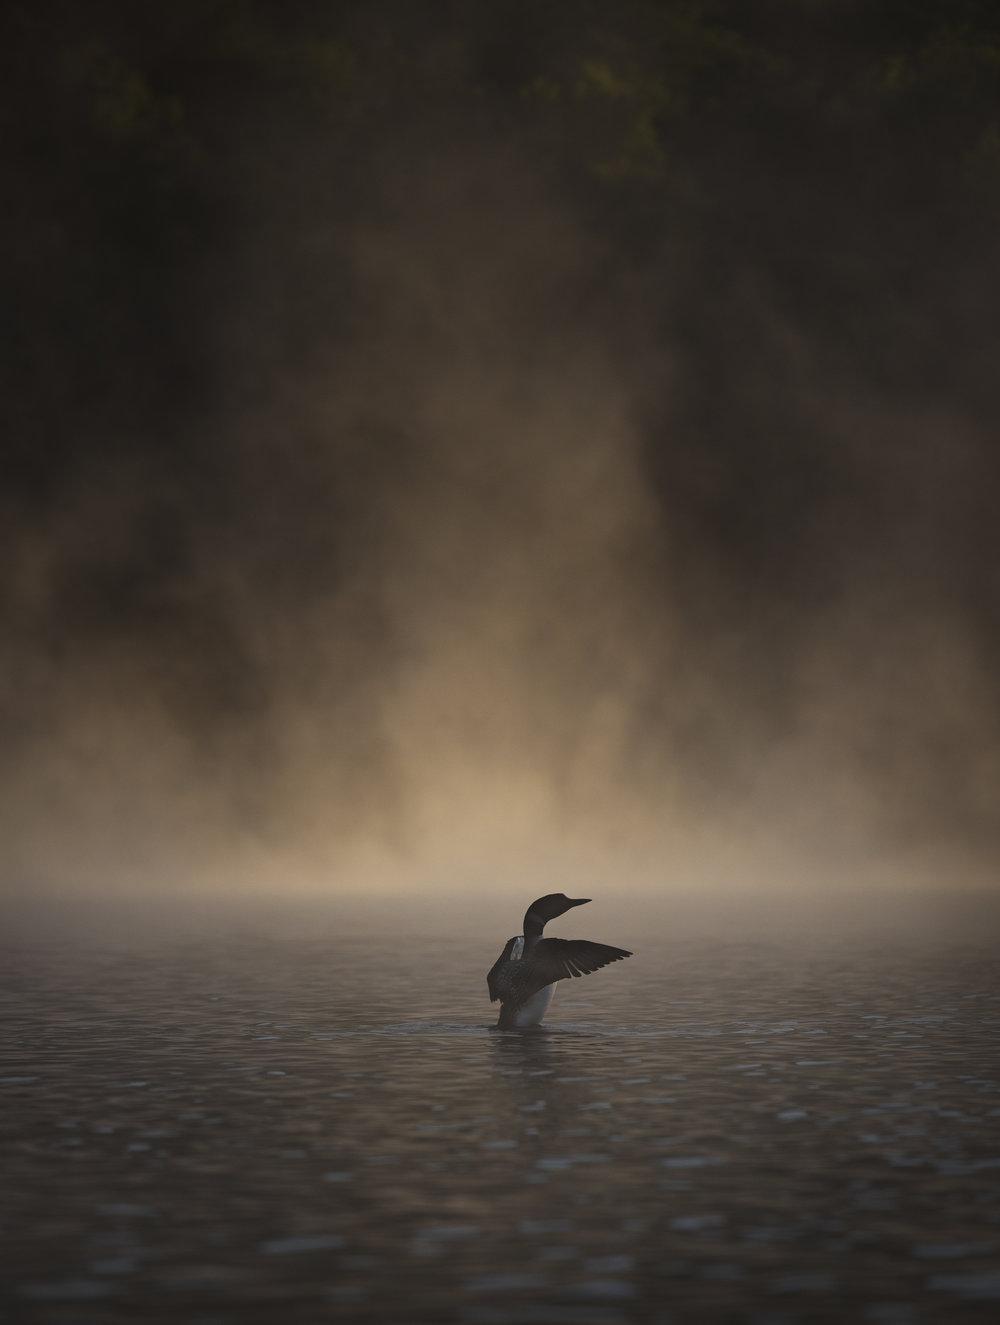 LakeHarrisPaddle-25.jpg